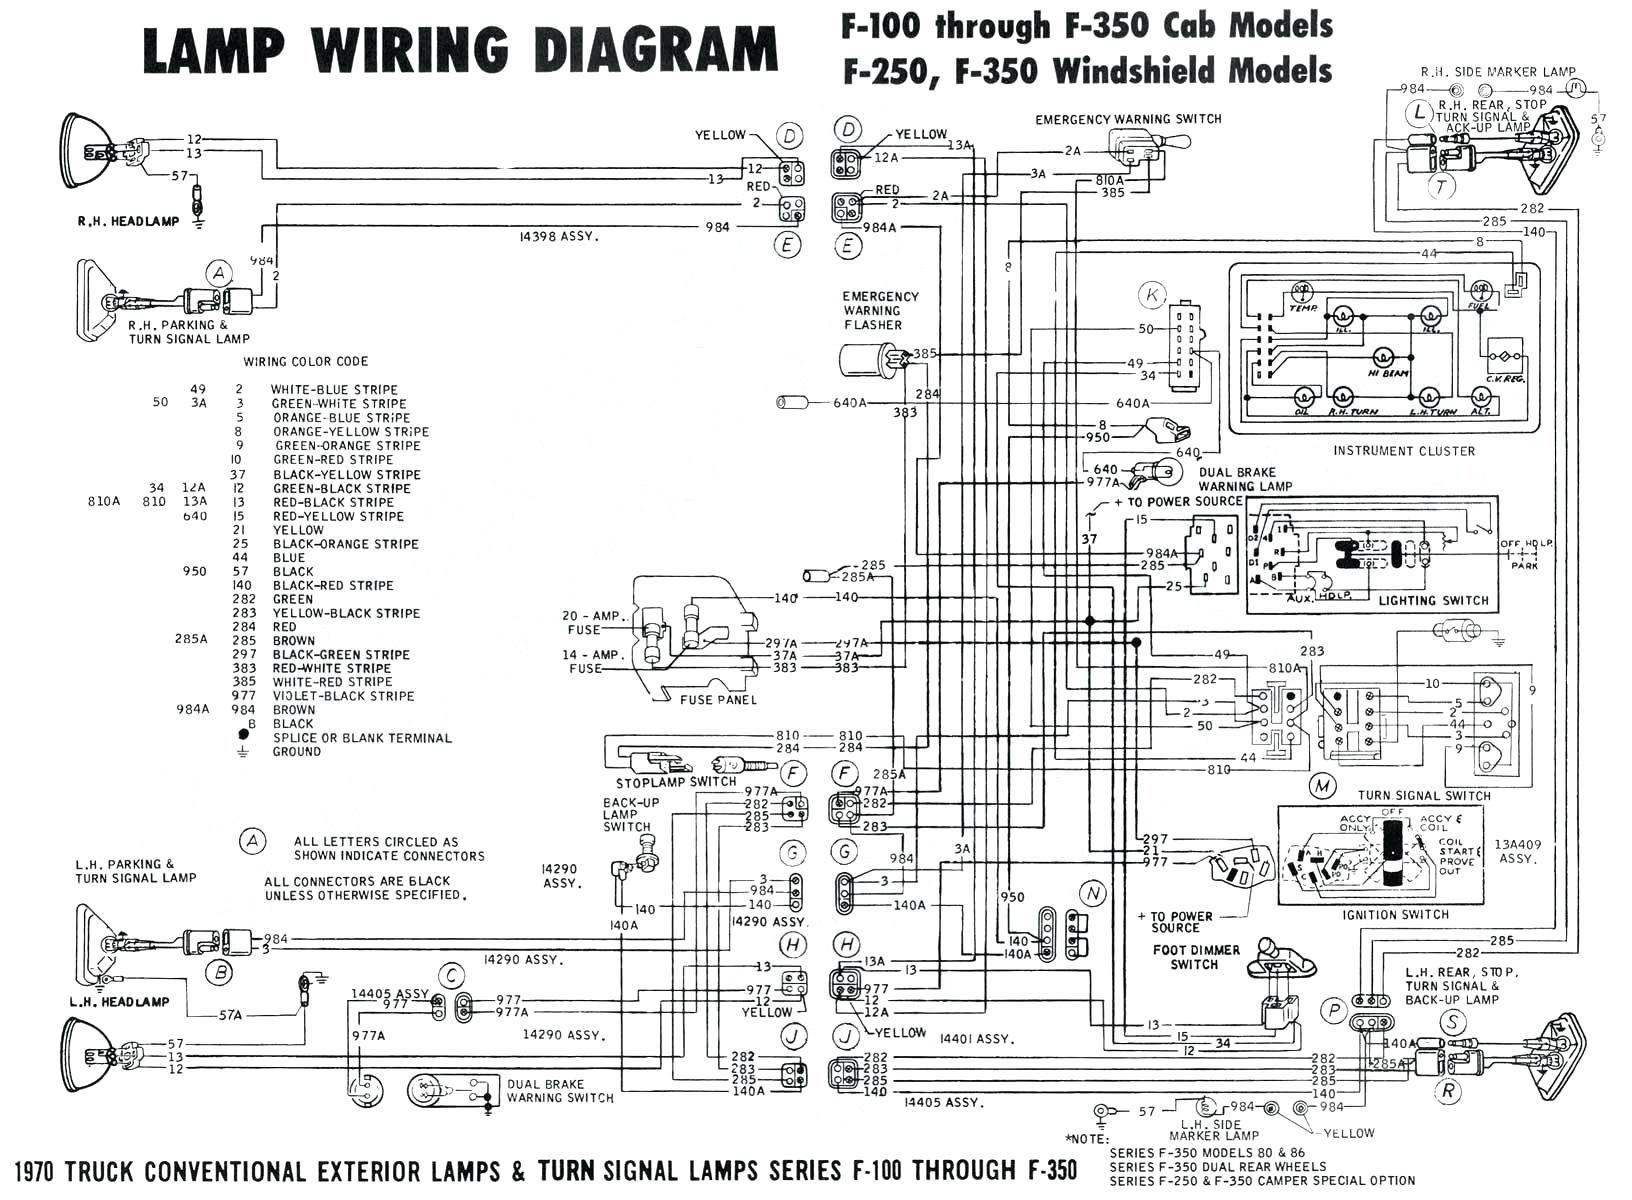 dutchman wiring diagram data schematic diagram dutchmen trailer wiring diagram dutchman wiring diagram